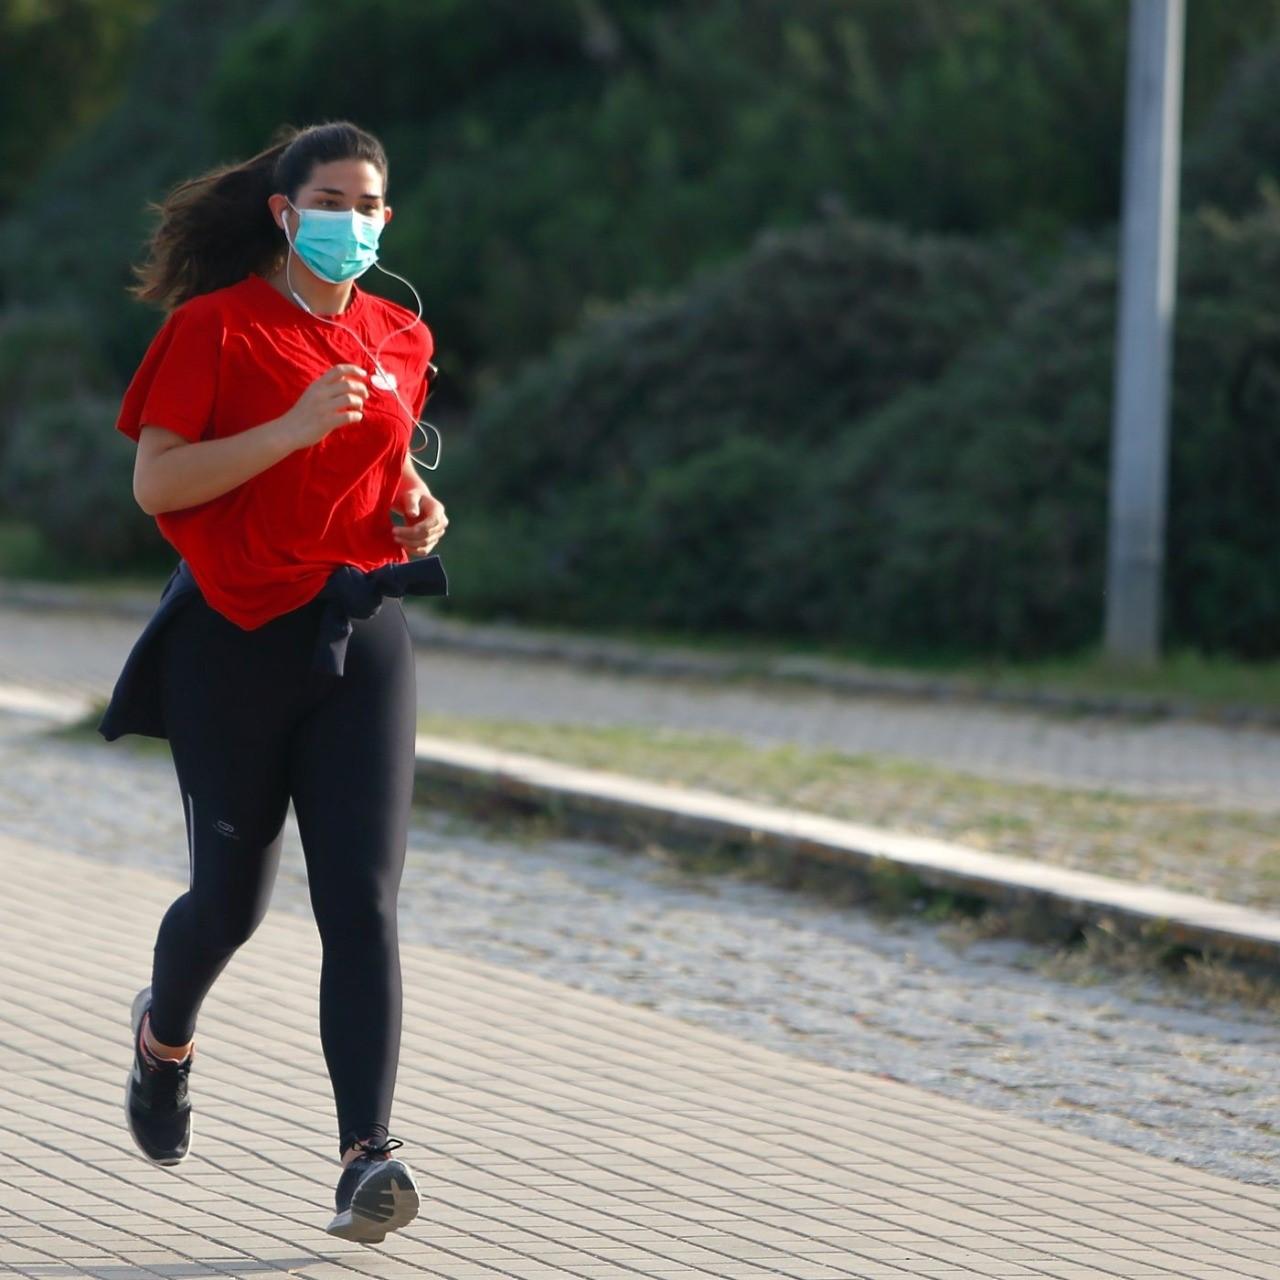 Exercícios com máscara protetora provoca doenças